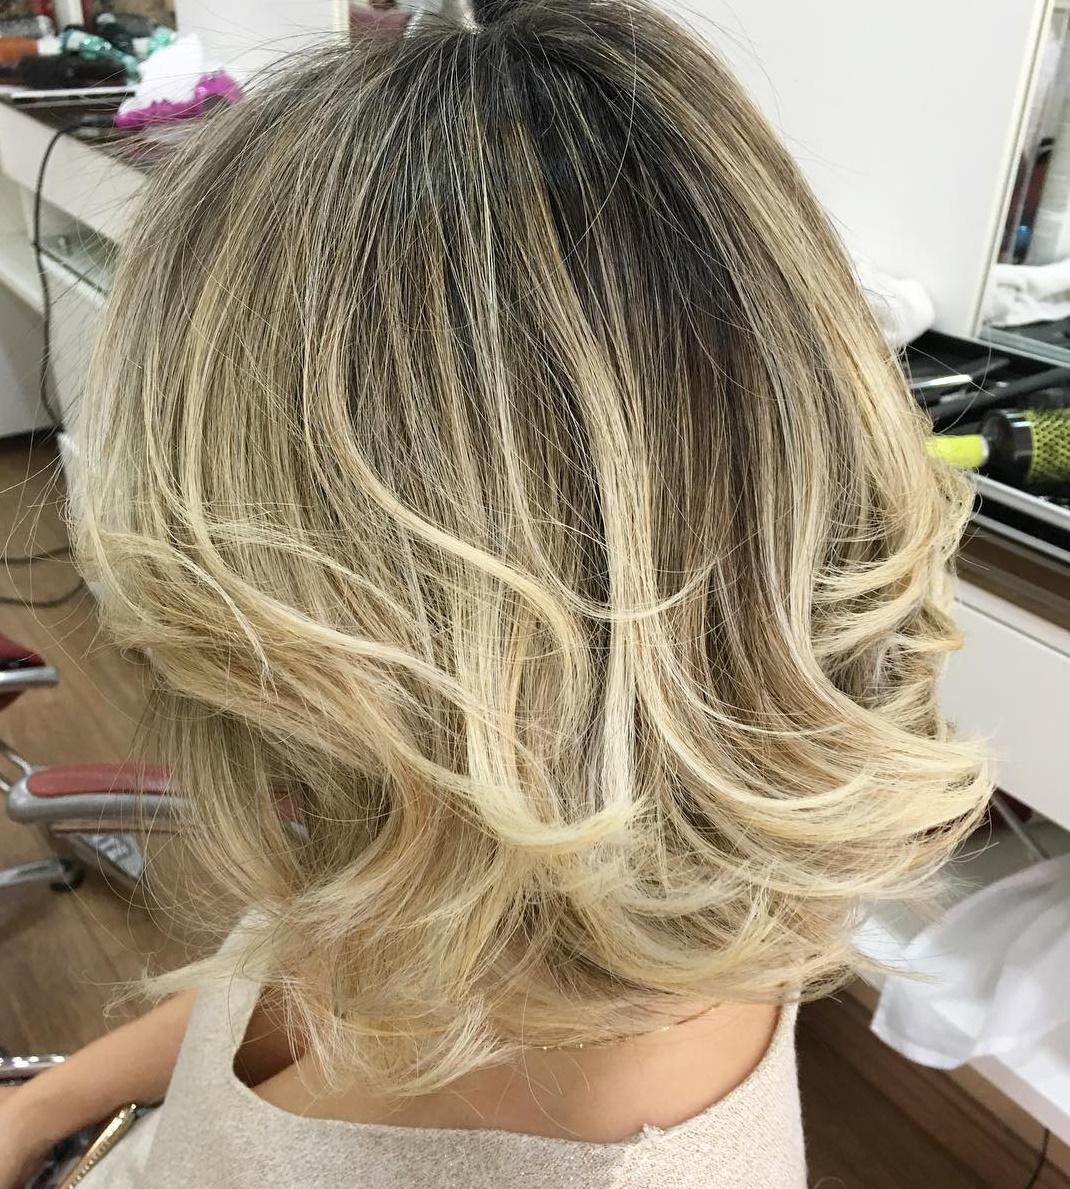 50 best medium length layered haircuts in 2019 - hair adviser